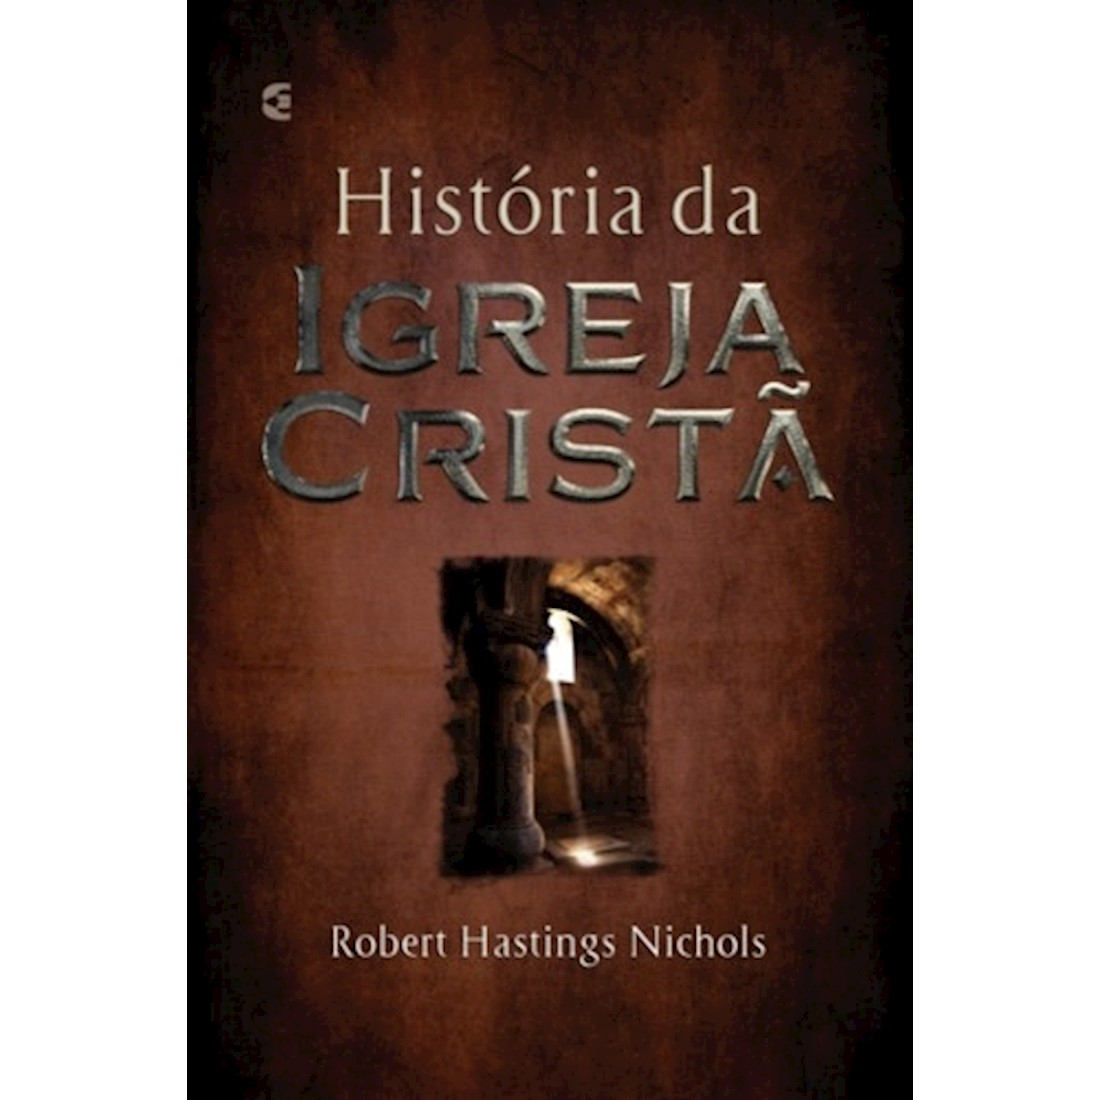 Livro História da Igreja Cristã